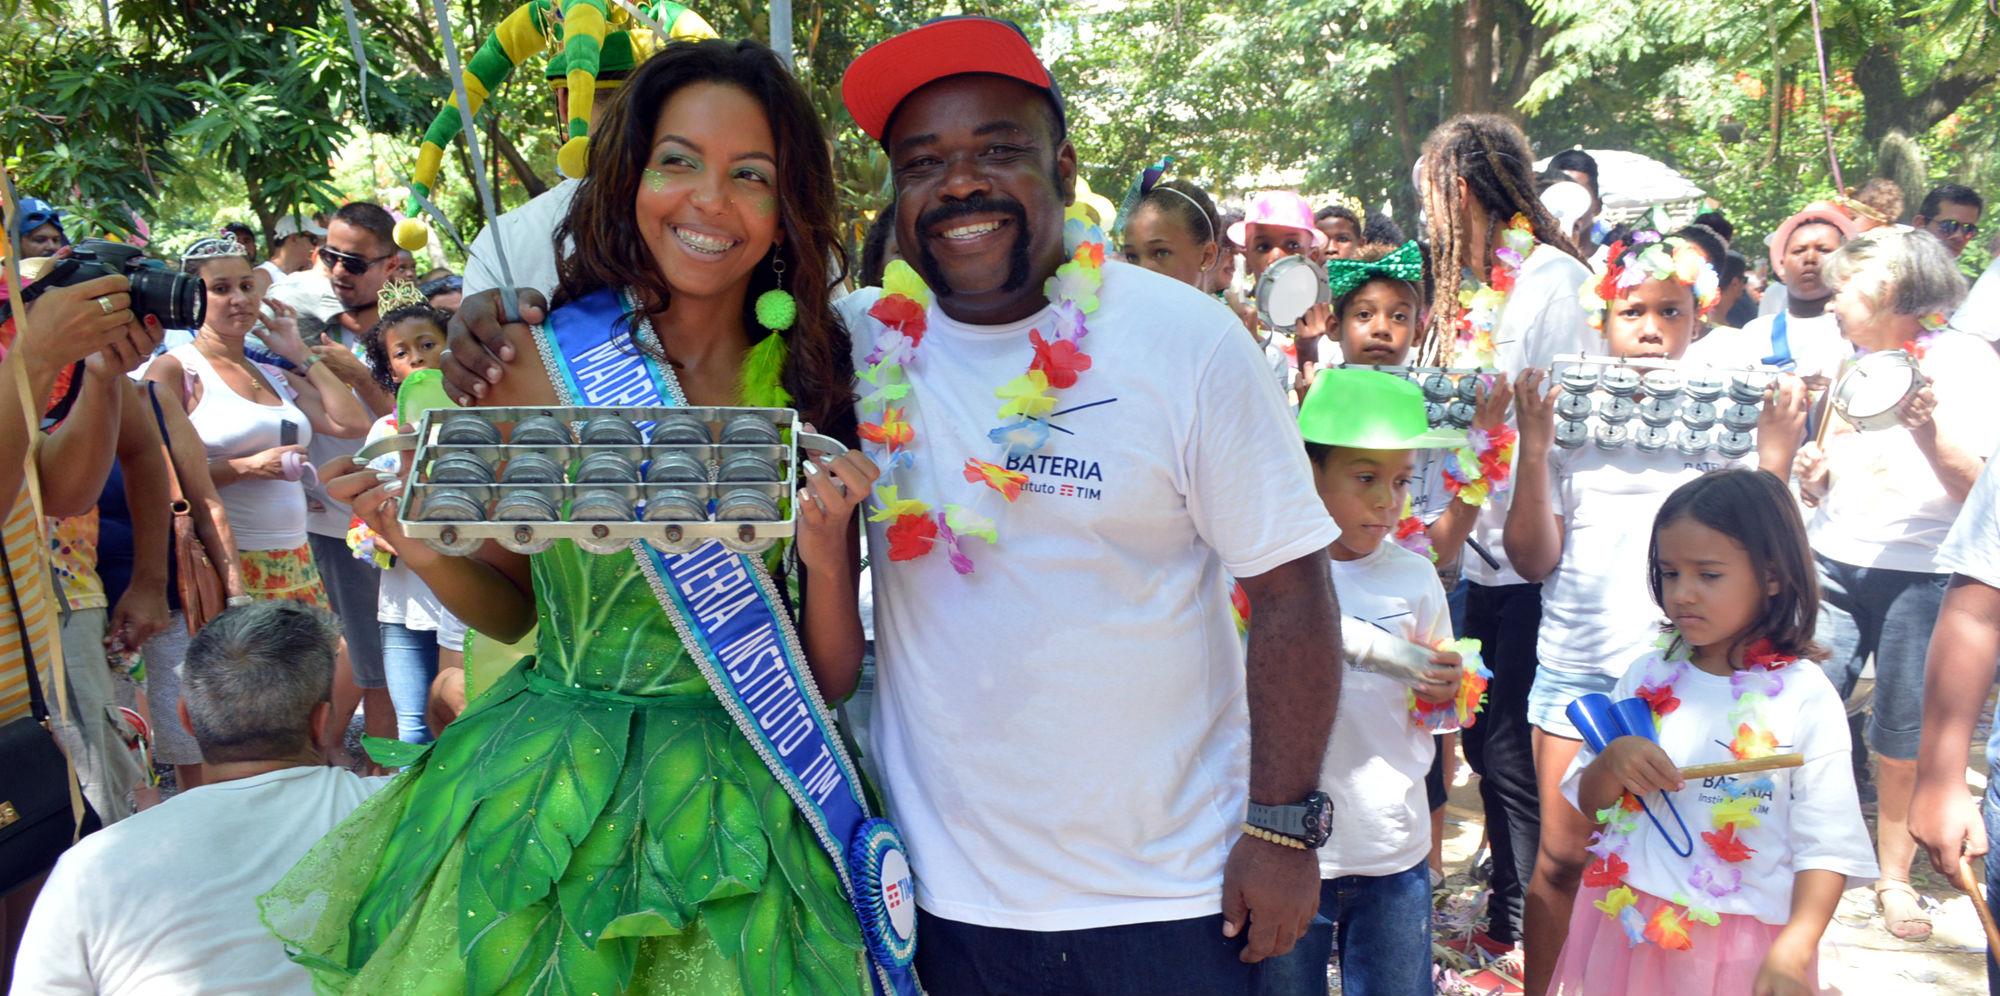 Madrinha da Bateria do IT estreia no Carnaval